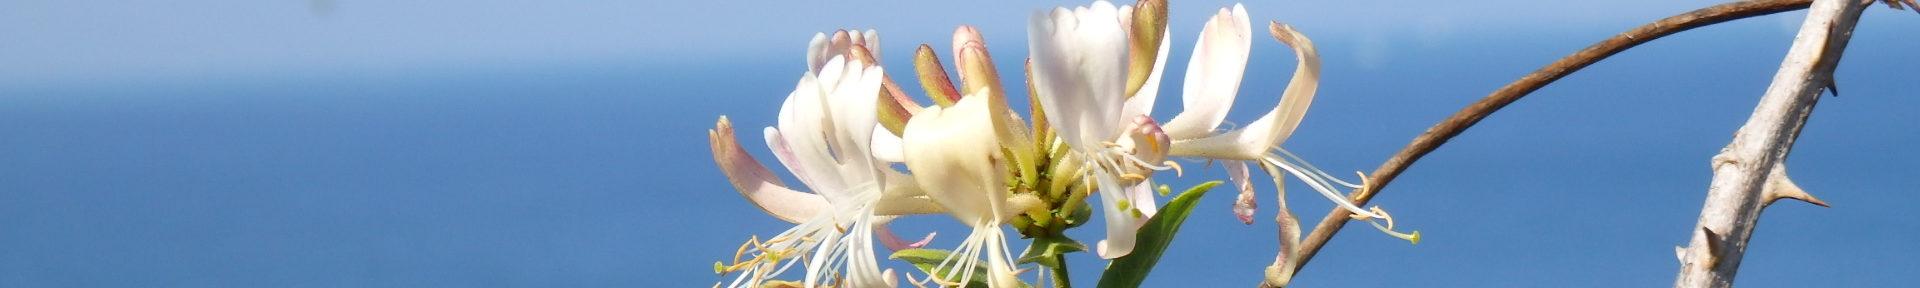 Fleurs-Etoiles